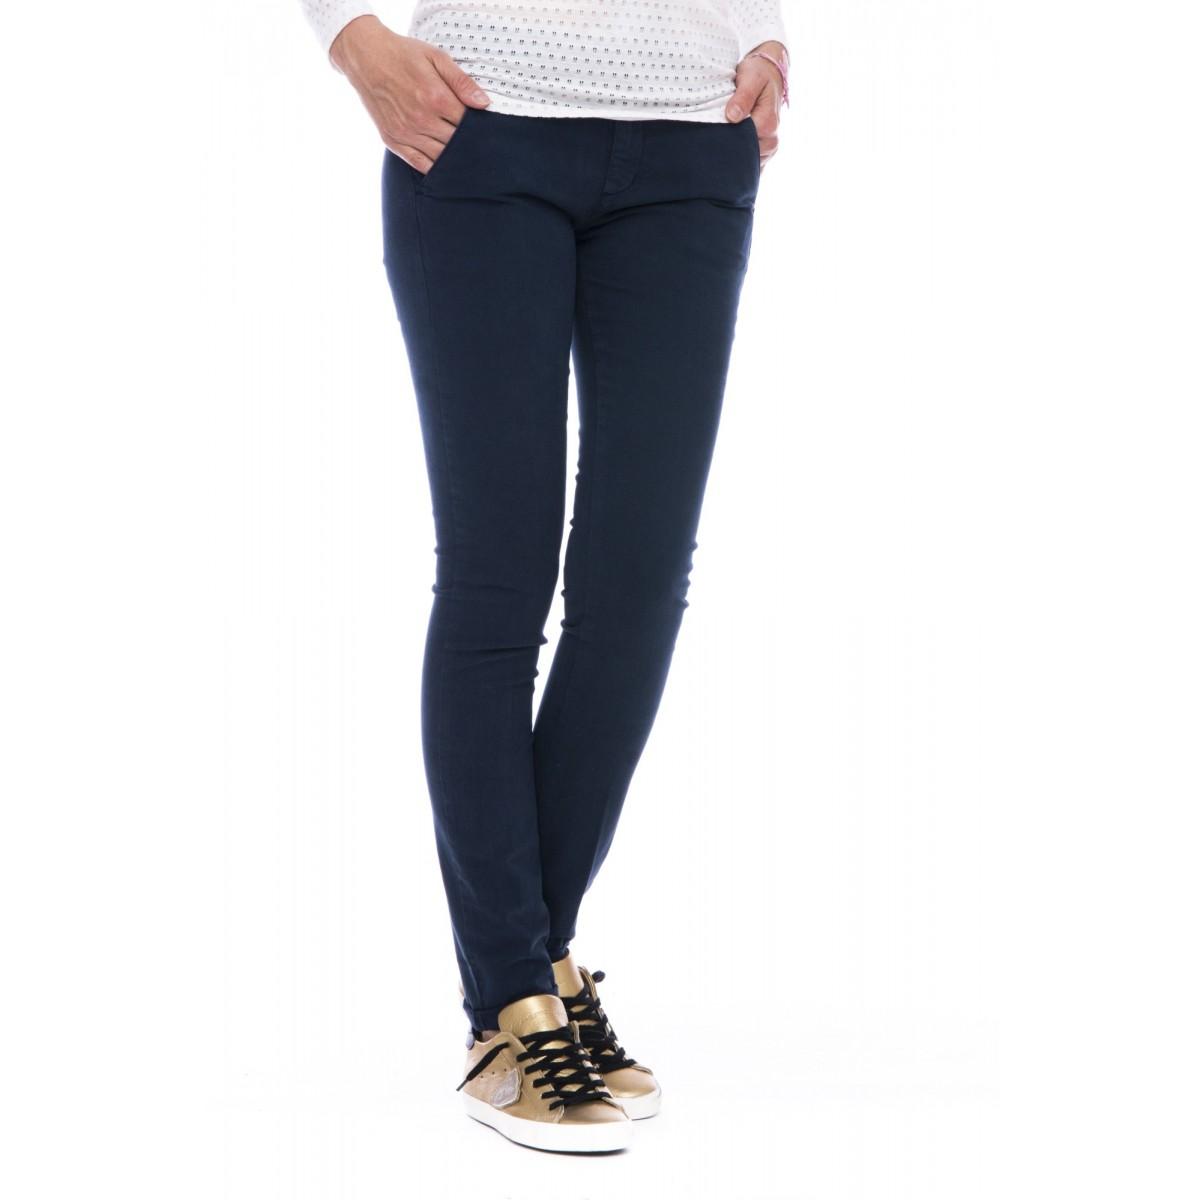 Pantalone donna 40 weft - Lemita 8655